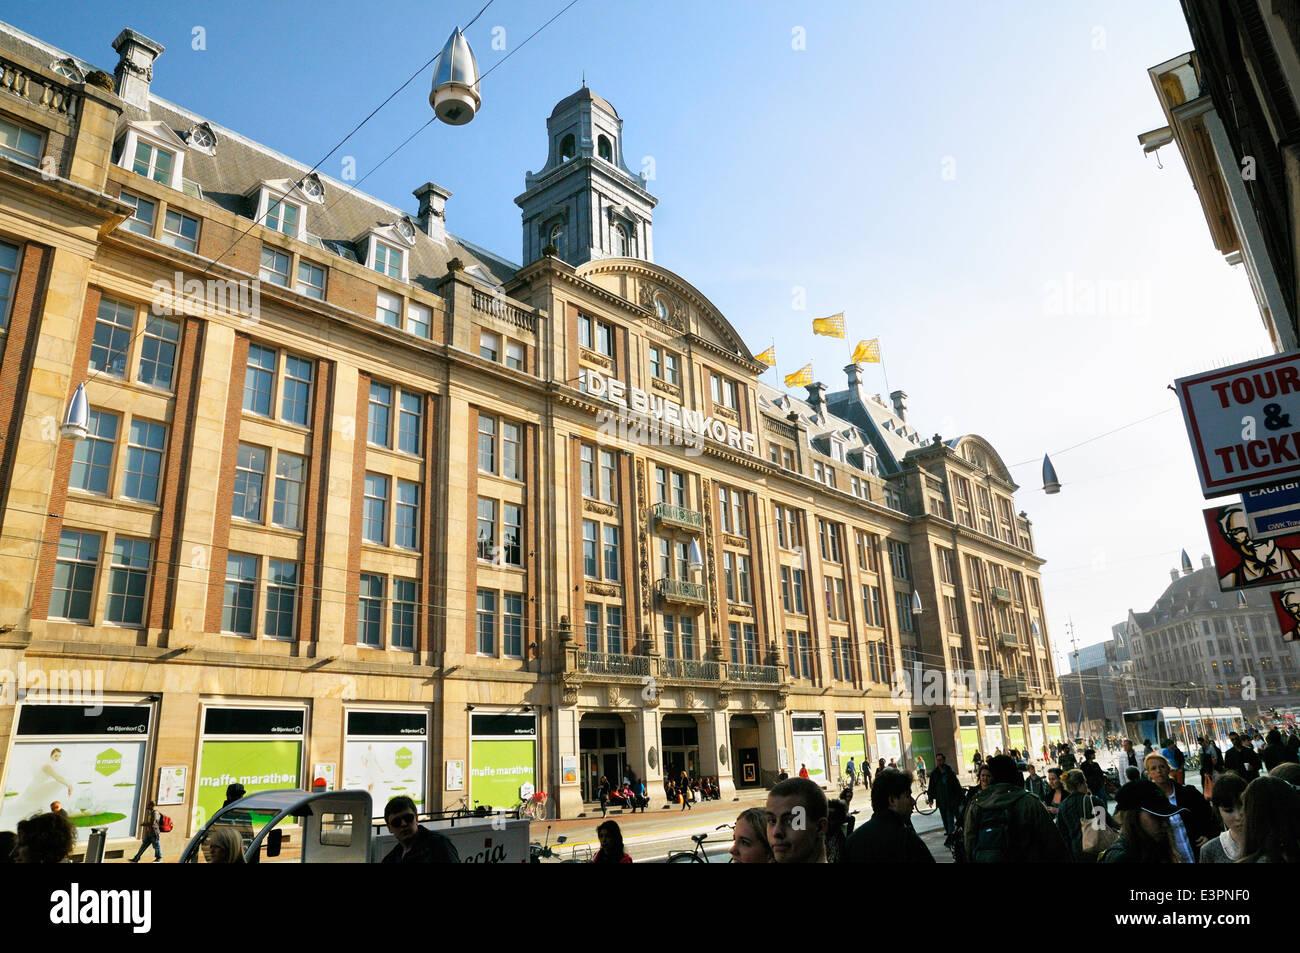 De Bijenkorf department store, Damrak, Amsterdam, Netherlands - Stock Image